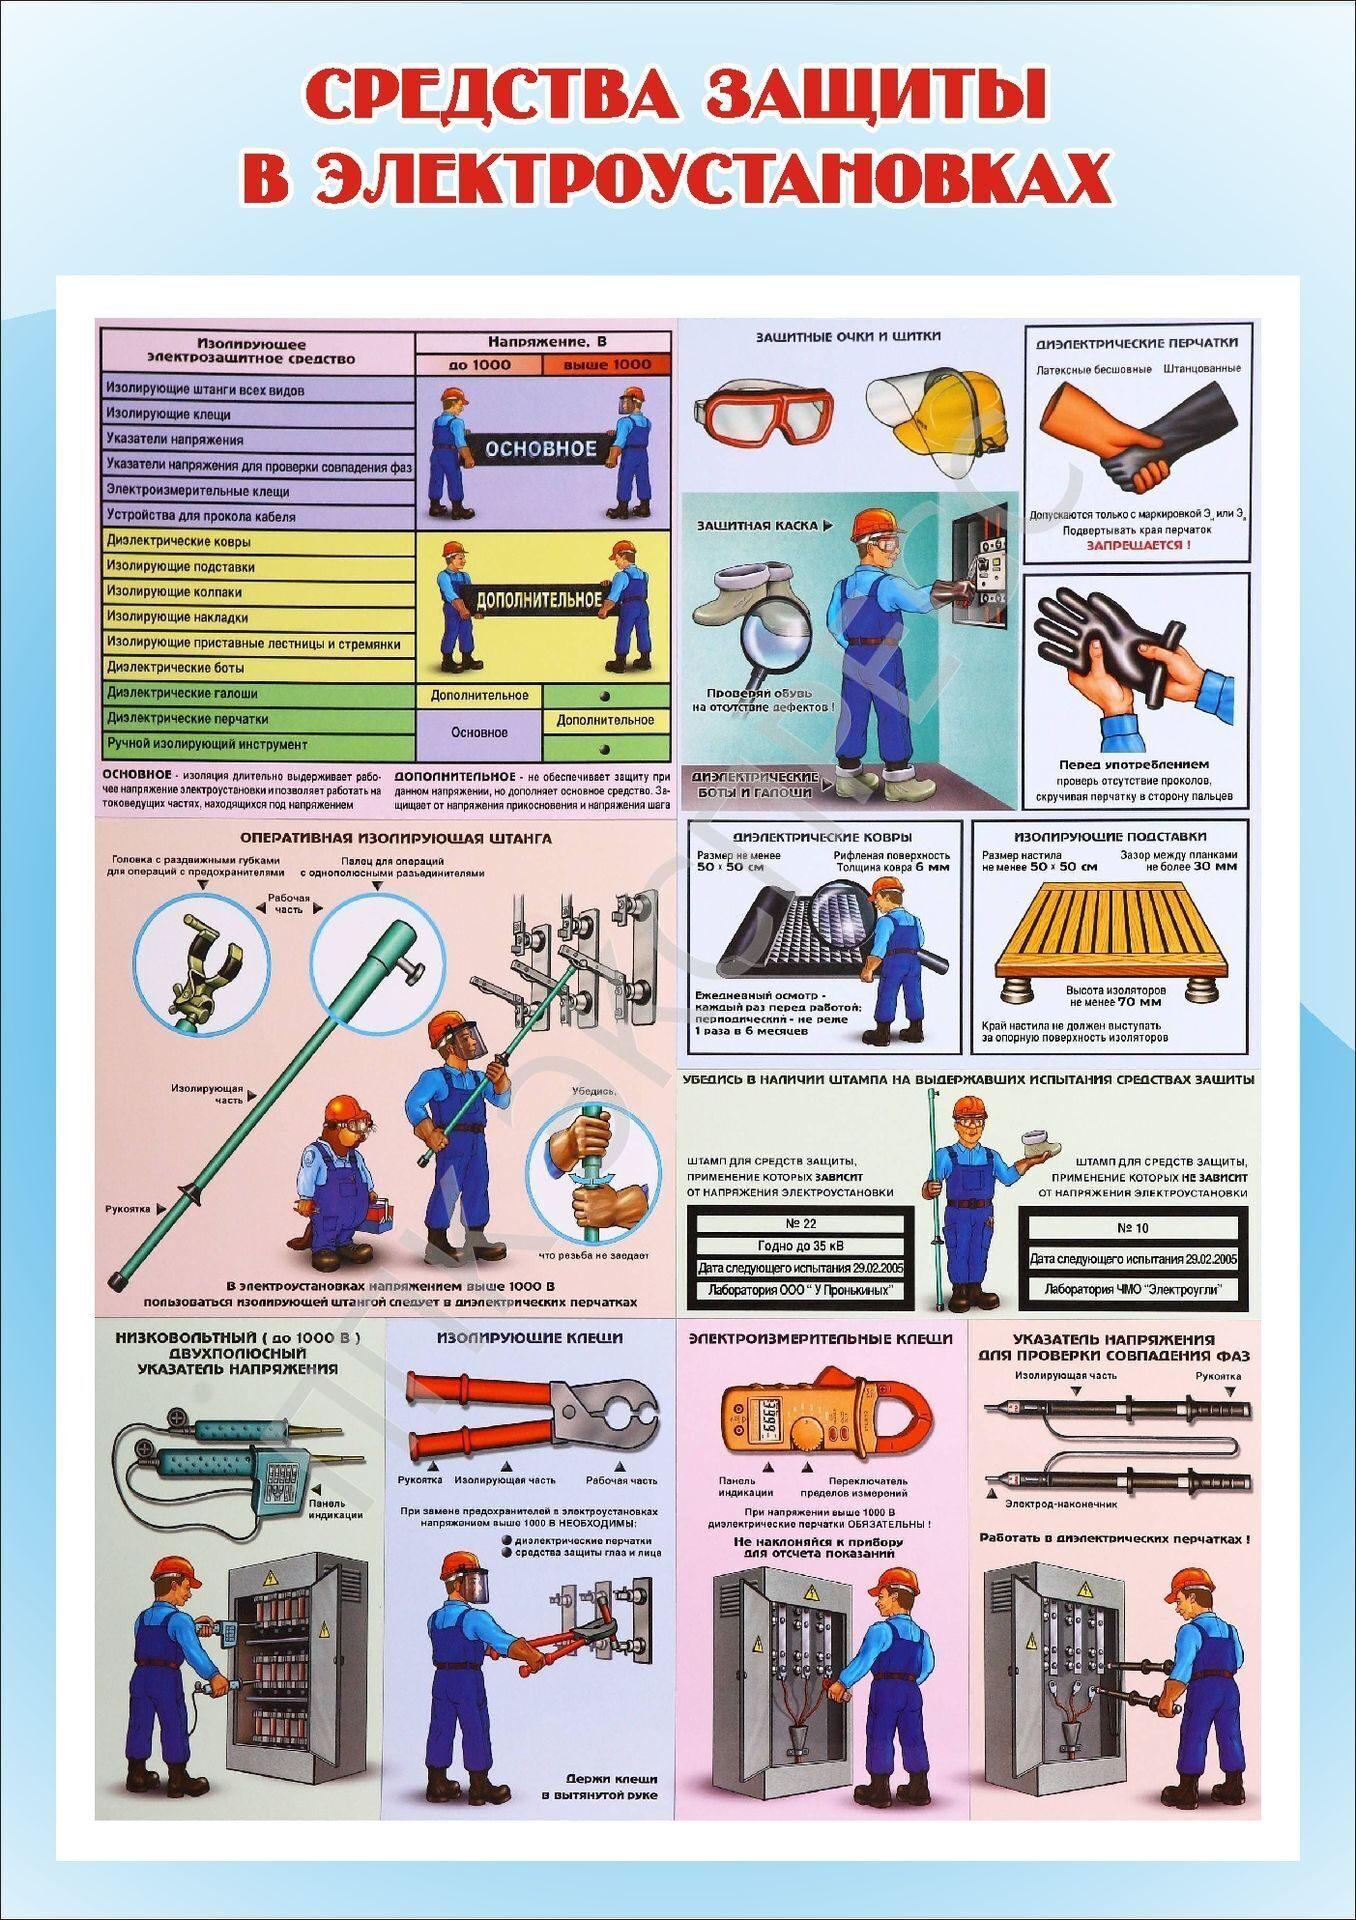 Для инструкции обслуживающих по работников газовое оборудование труда охране